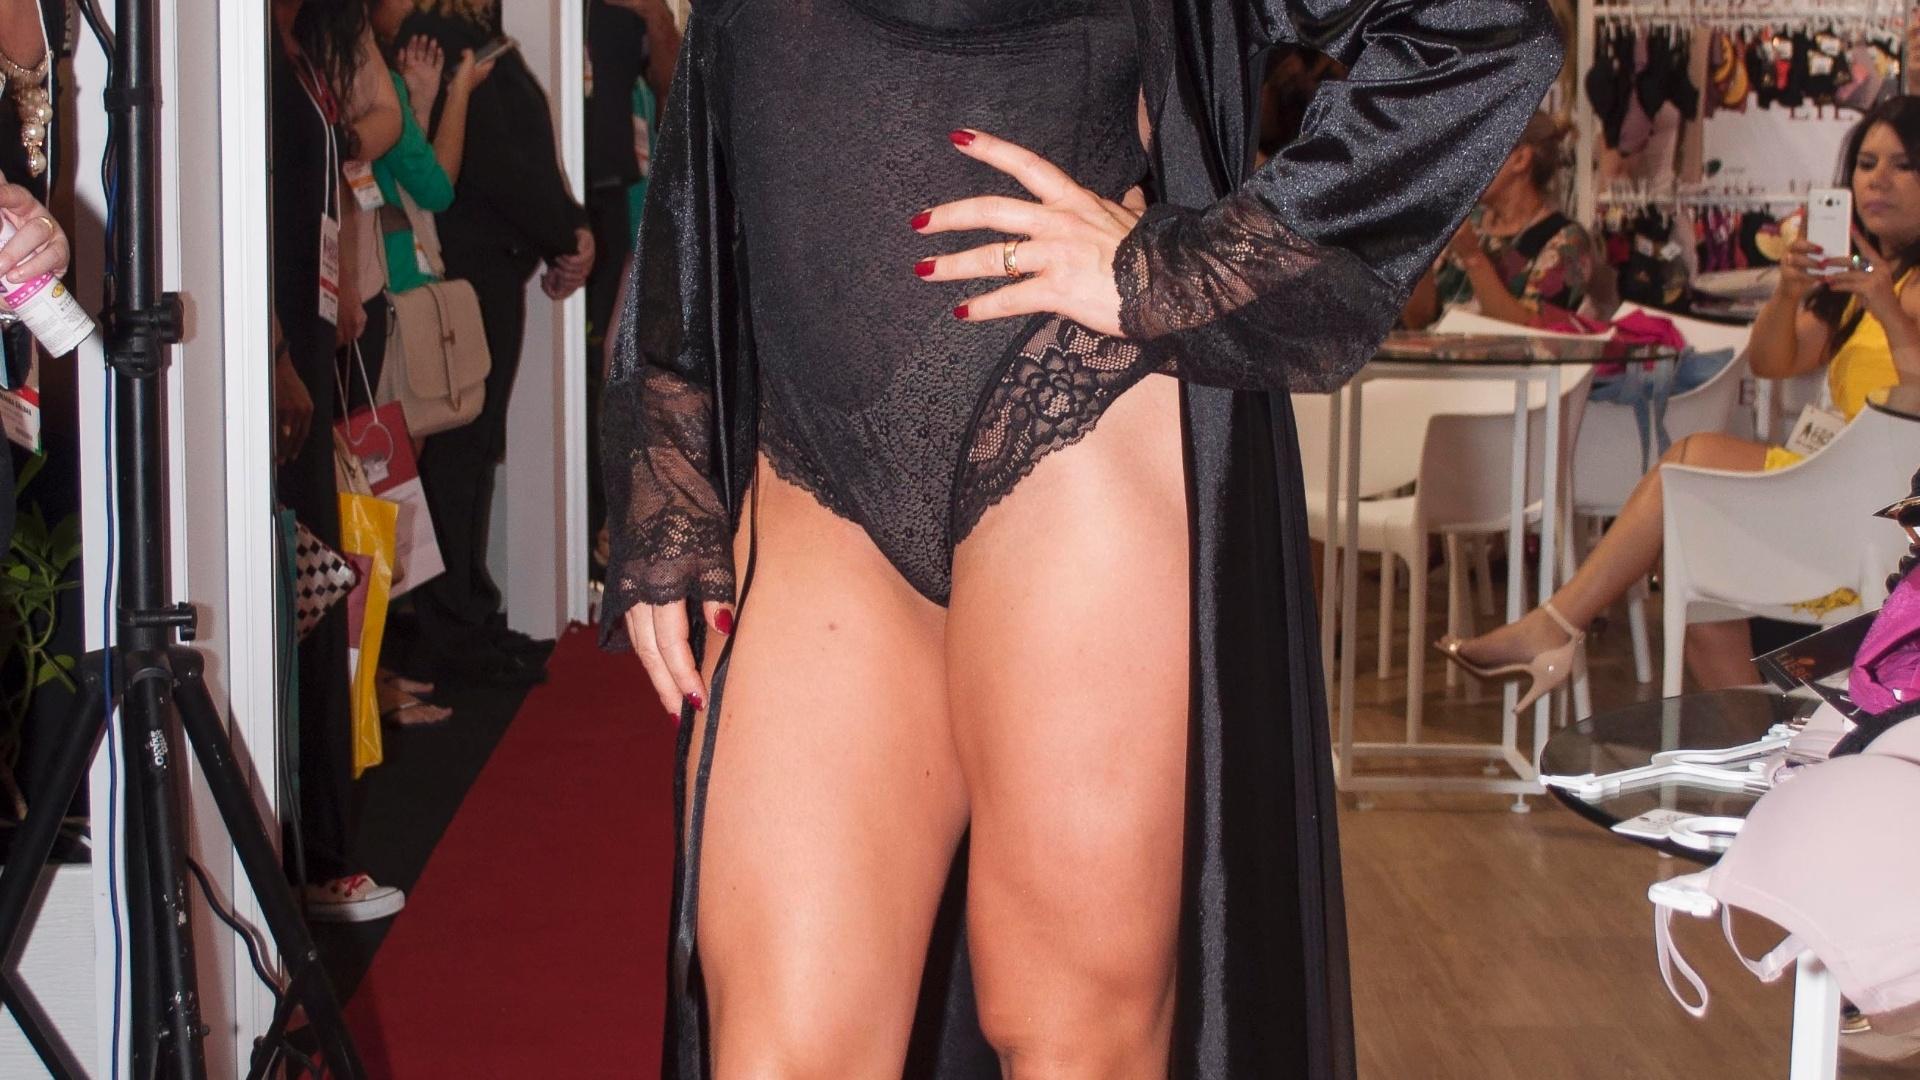 28.abr.2016 - Aos 37 anos, Sheila Mello mostrou toda sua beleza e ótima forma ao desfilar de lingerie na Feira Ceará Moda Contemporânea, em Fortaleza. A loira arrasou ao exibir o corpão com uma Lingerie Preta.